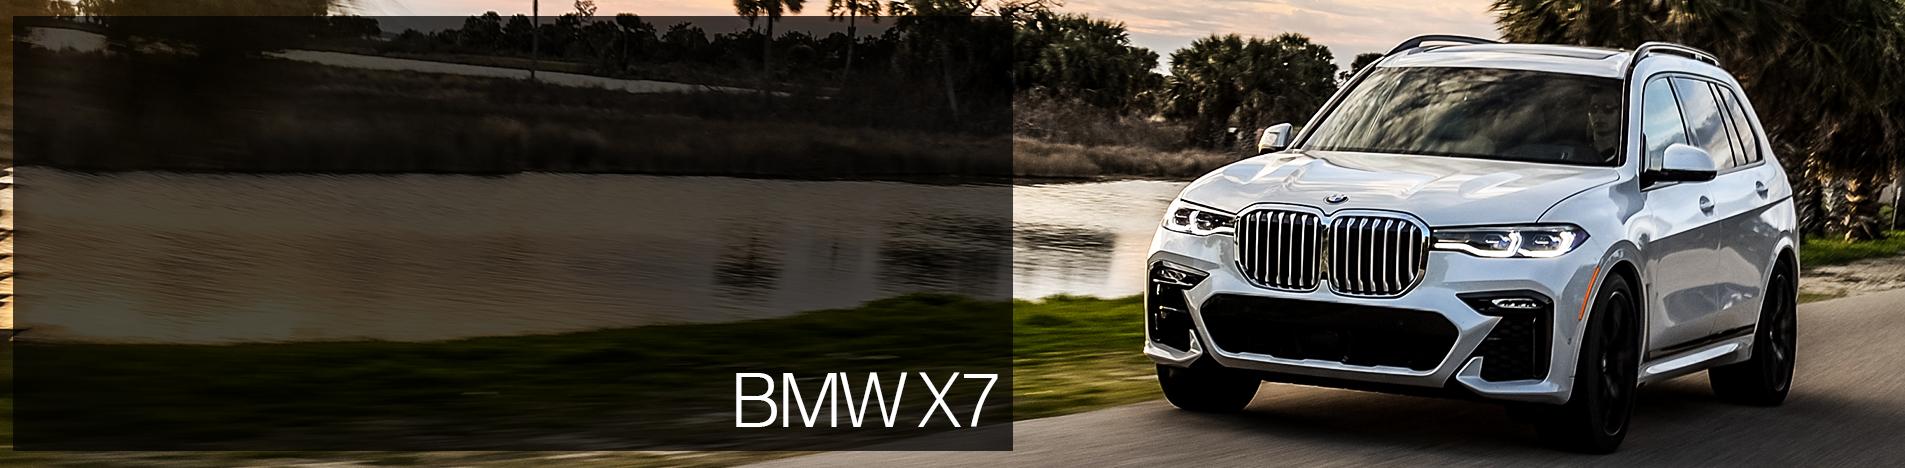 2019 BMW X7 at BMW of Minnetonka